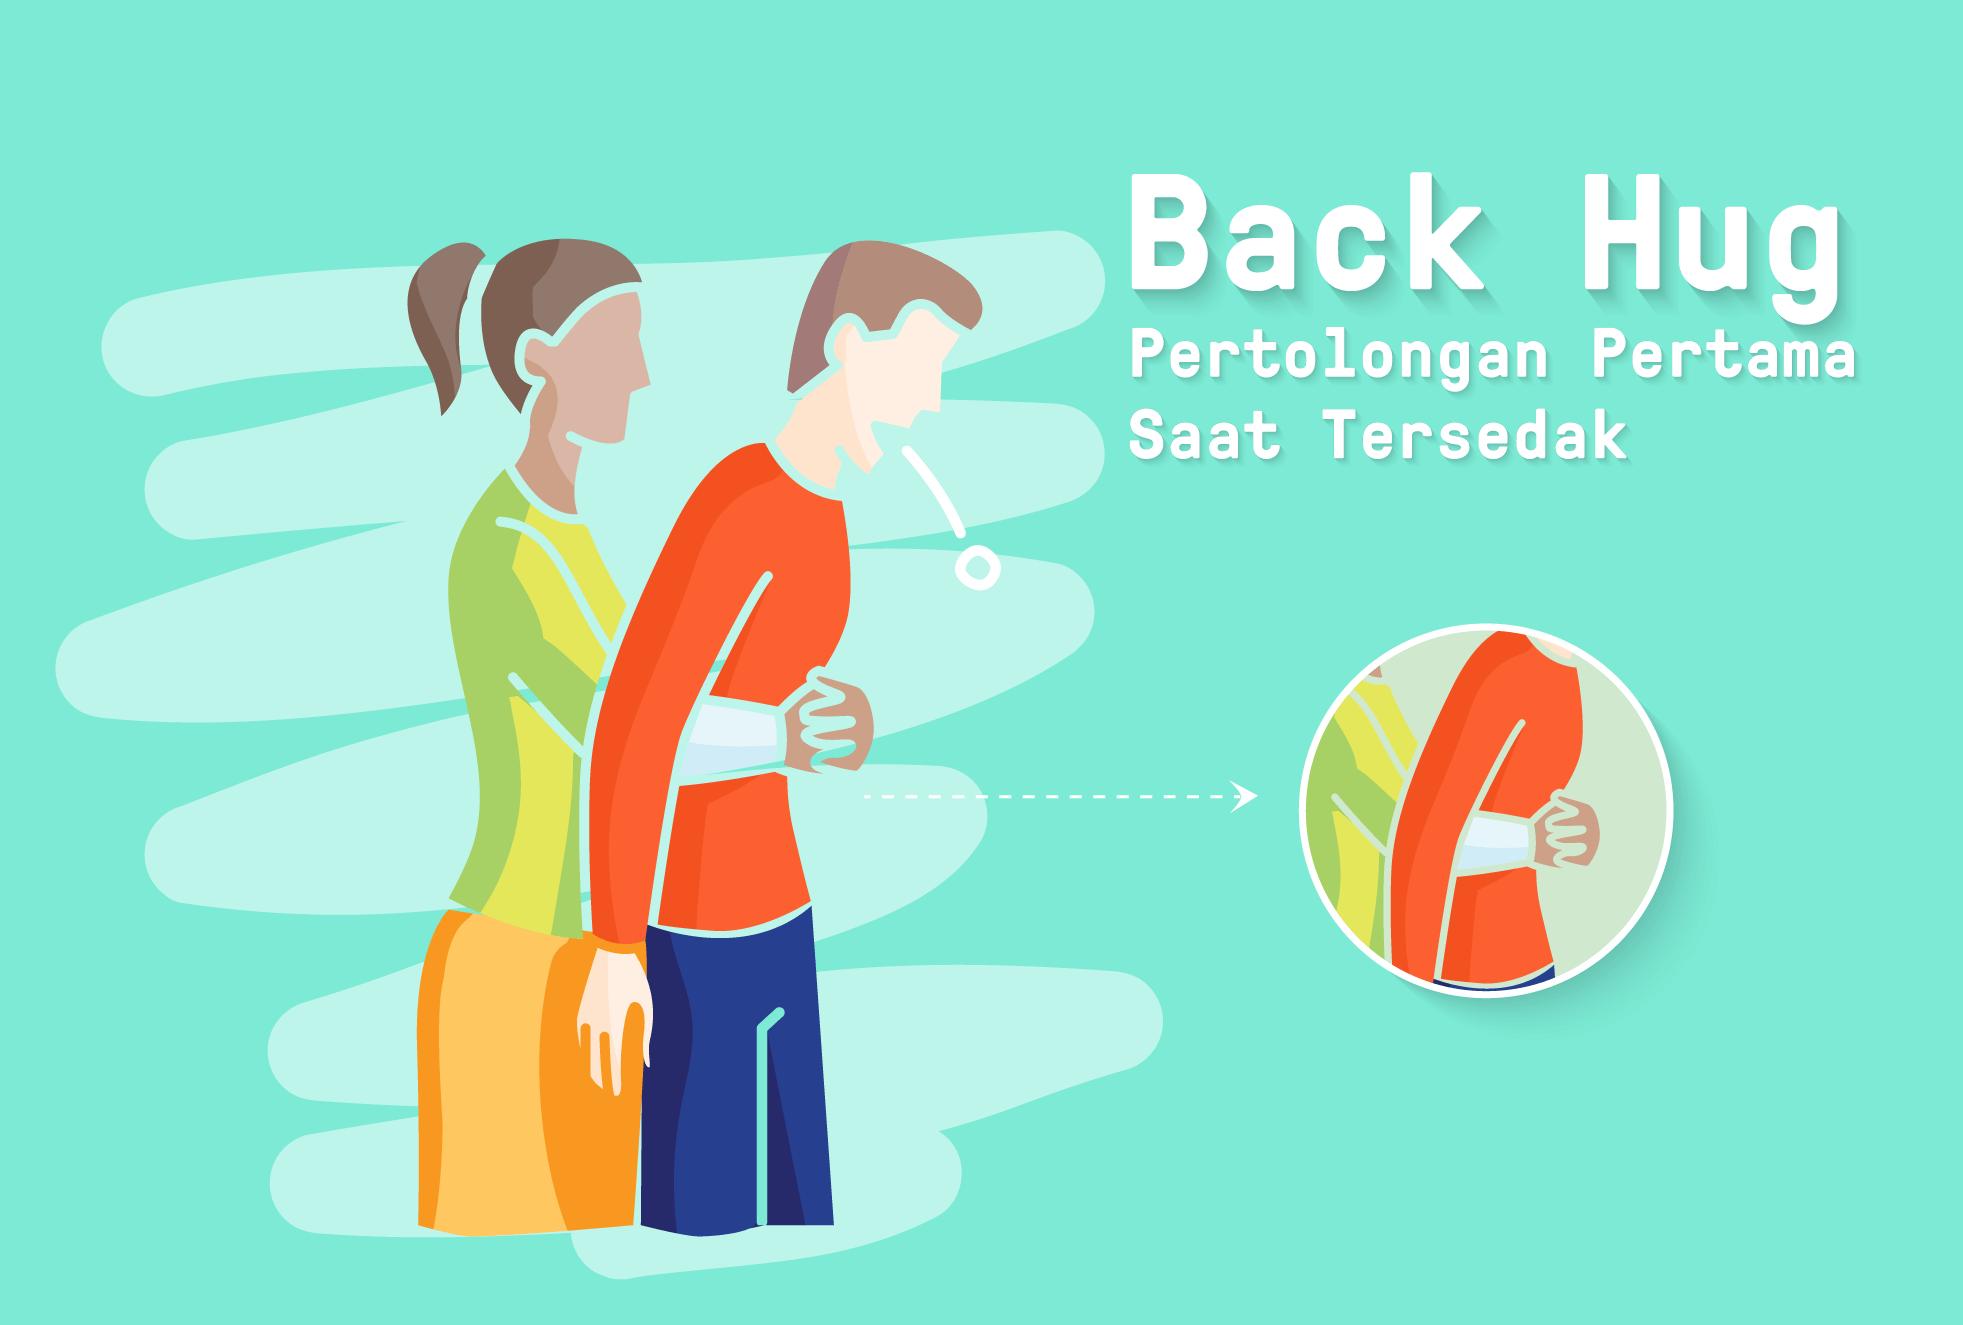 Back Hug, Pertolongan Pertama Saat Tersedak